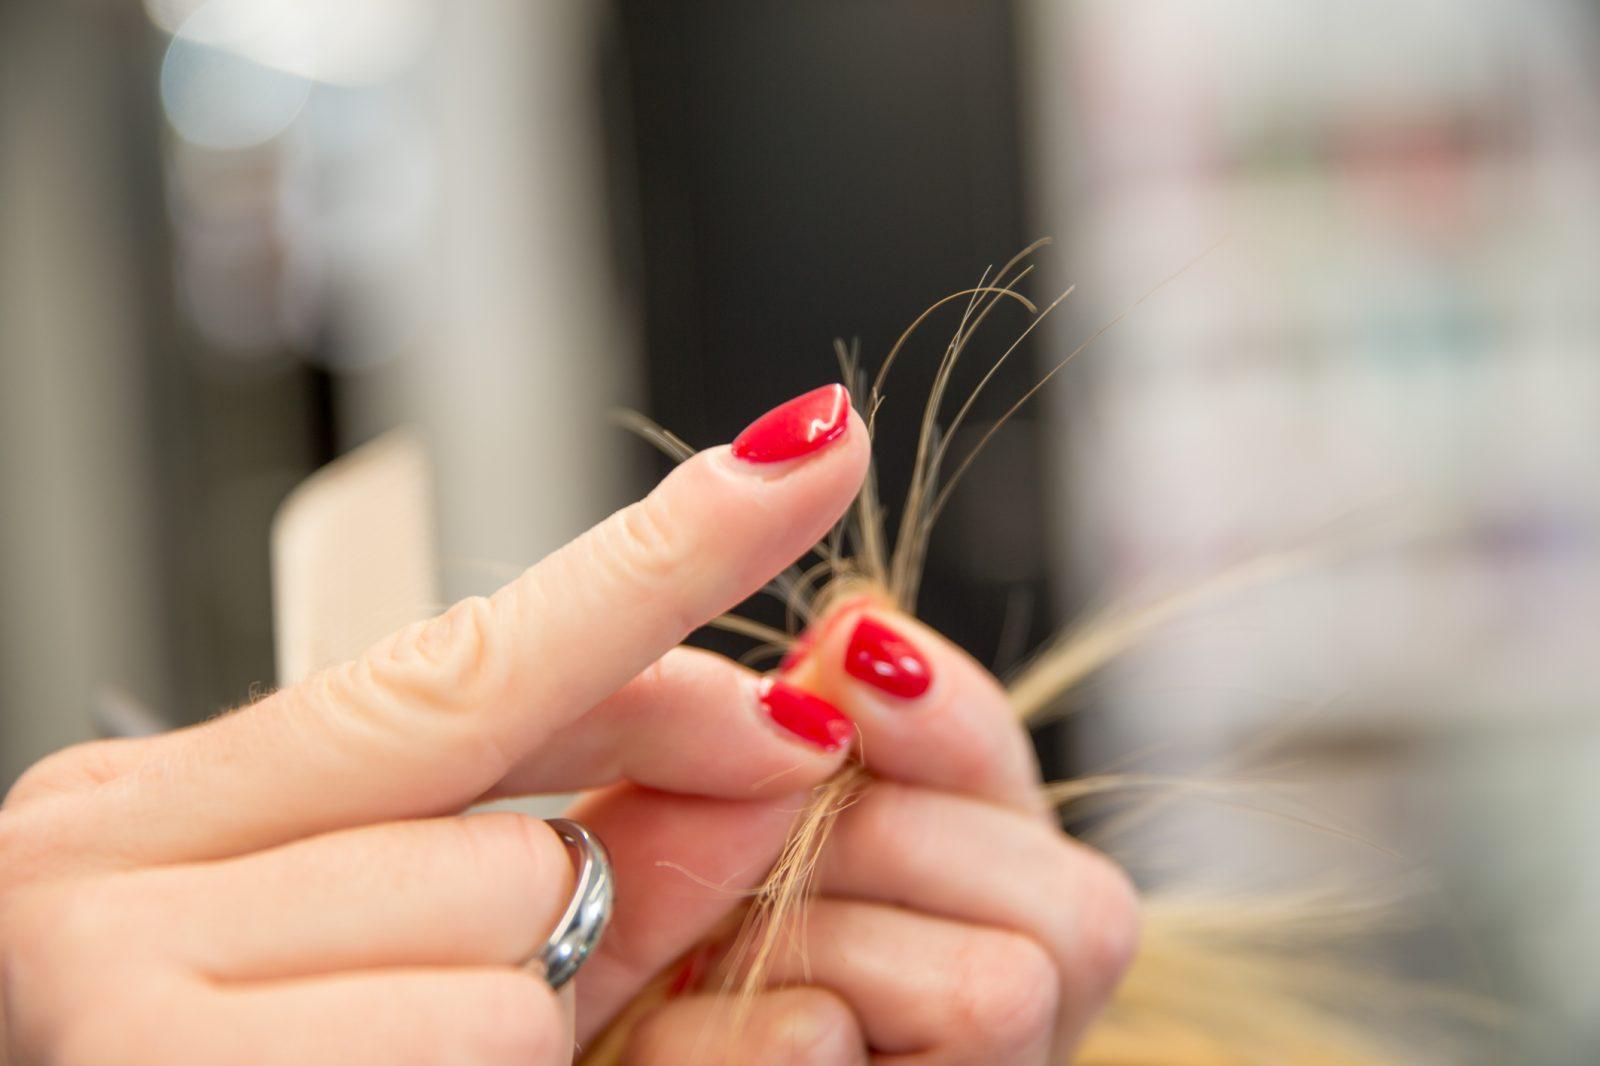 chăm sóc tóc - hình 3